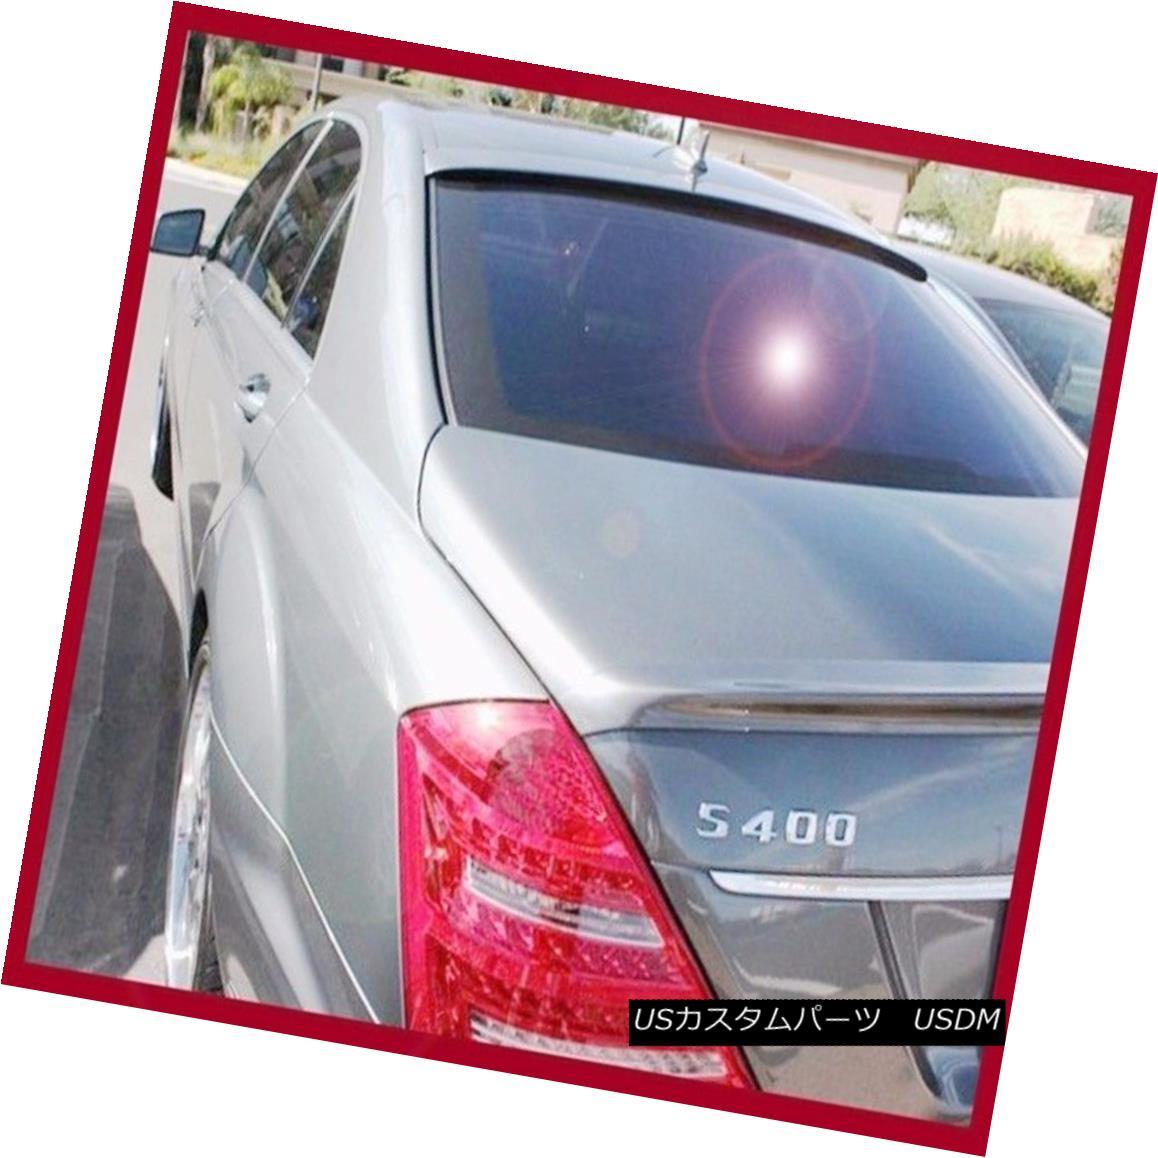 エアロパーツ Pick Color 07-13 M-Benz W221 L Type S500 S550 S600 S65 Roof Boot Spoiler Wing ピックカラー07-13 M-Benz W221 LタイプS500 S550 S600 S65ルーフブーツ・スポイラー・ウィング